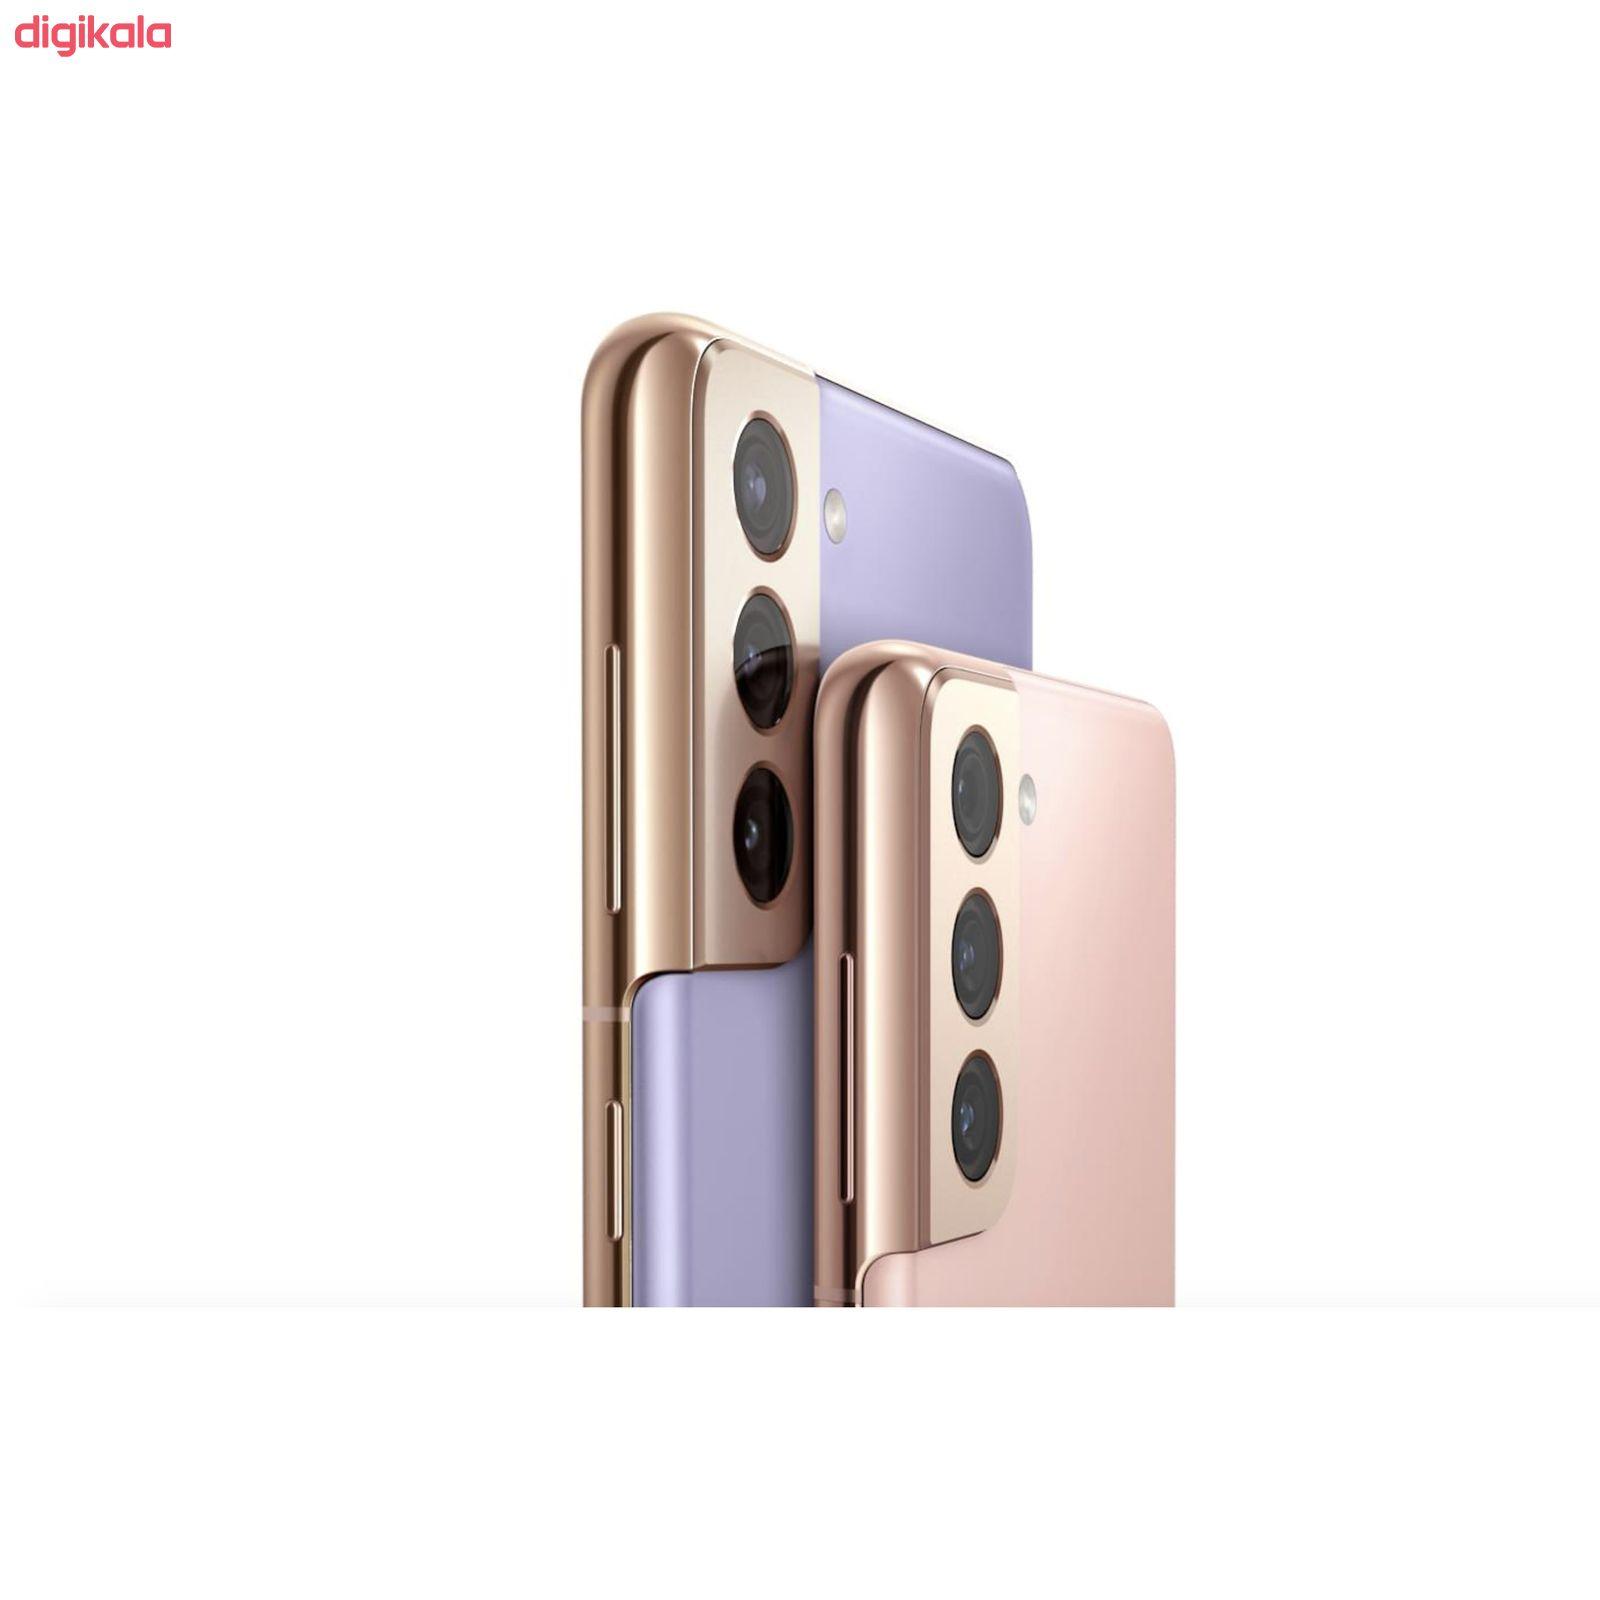 گوشی موبایل سامسونگ مدل Galaxy S21 Plus 5G SM-G996B/DS دو سیم کارت ظرفیت 256 گیگابایت و رم 8 گیگابایت main 1 14